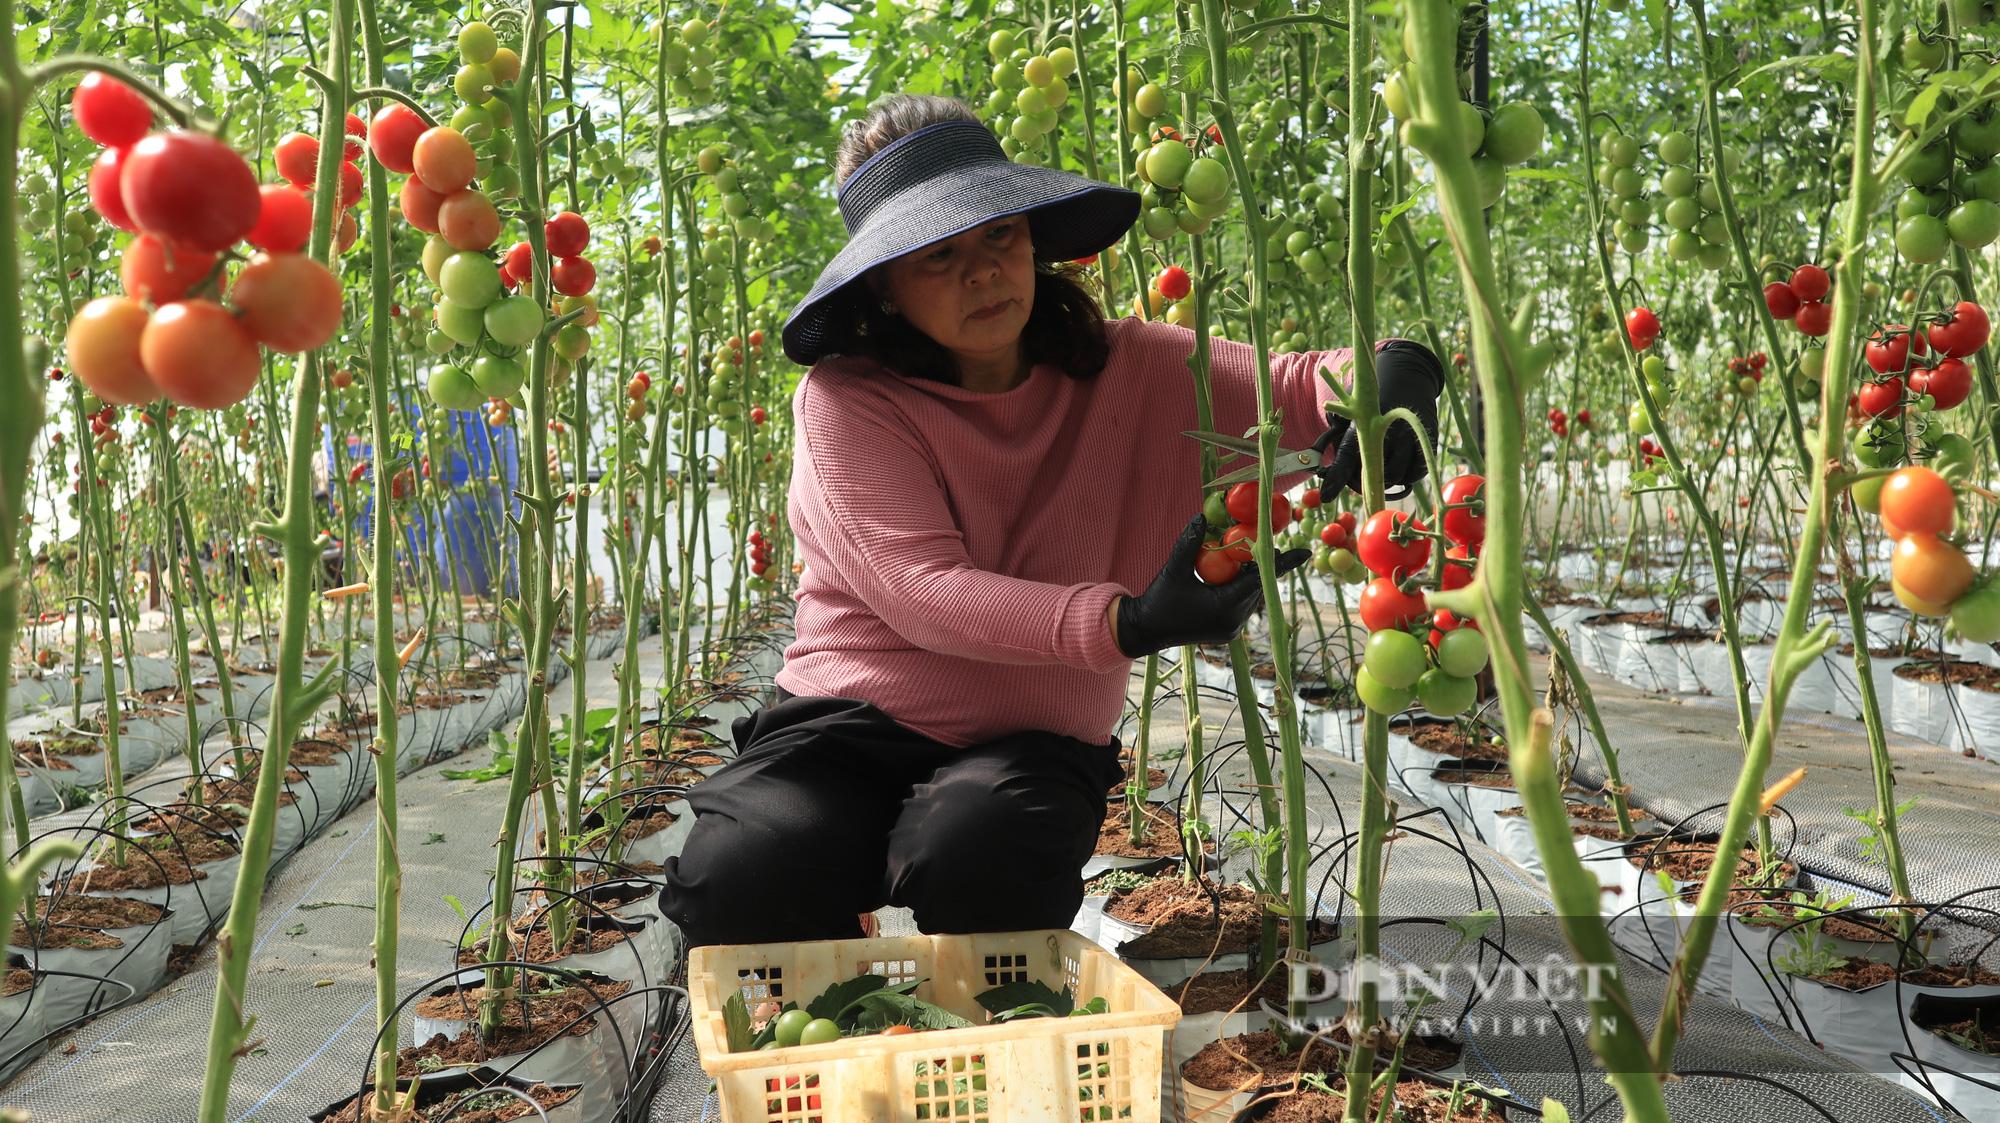 """Lâm Đồng: Giá thuê đất nông nghiệp """"trên trời"""" khiến nhà đầu tư """"e ngại"""" - Ảnh 1."""